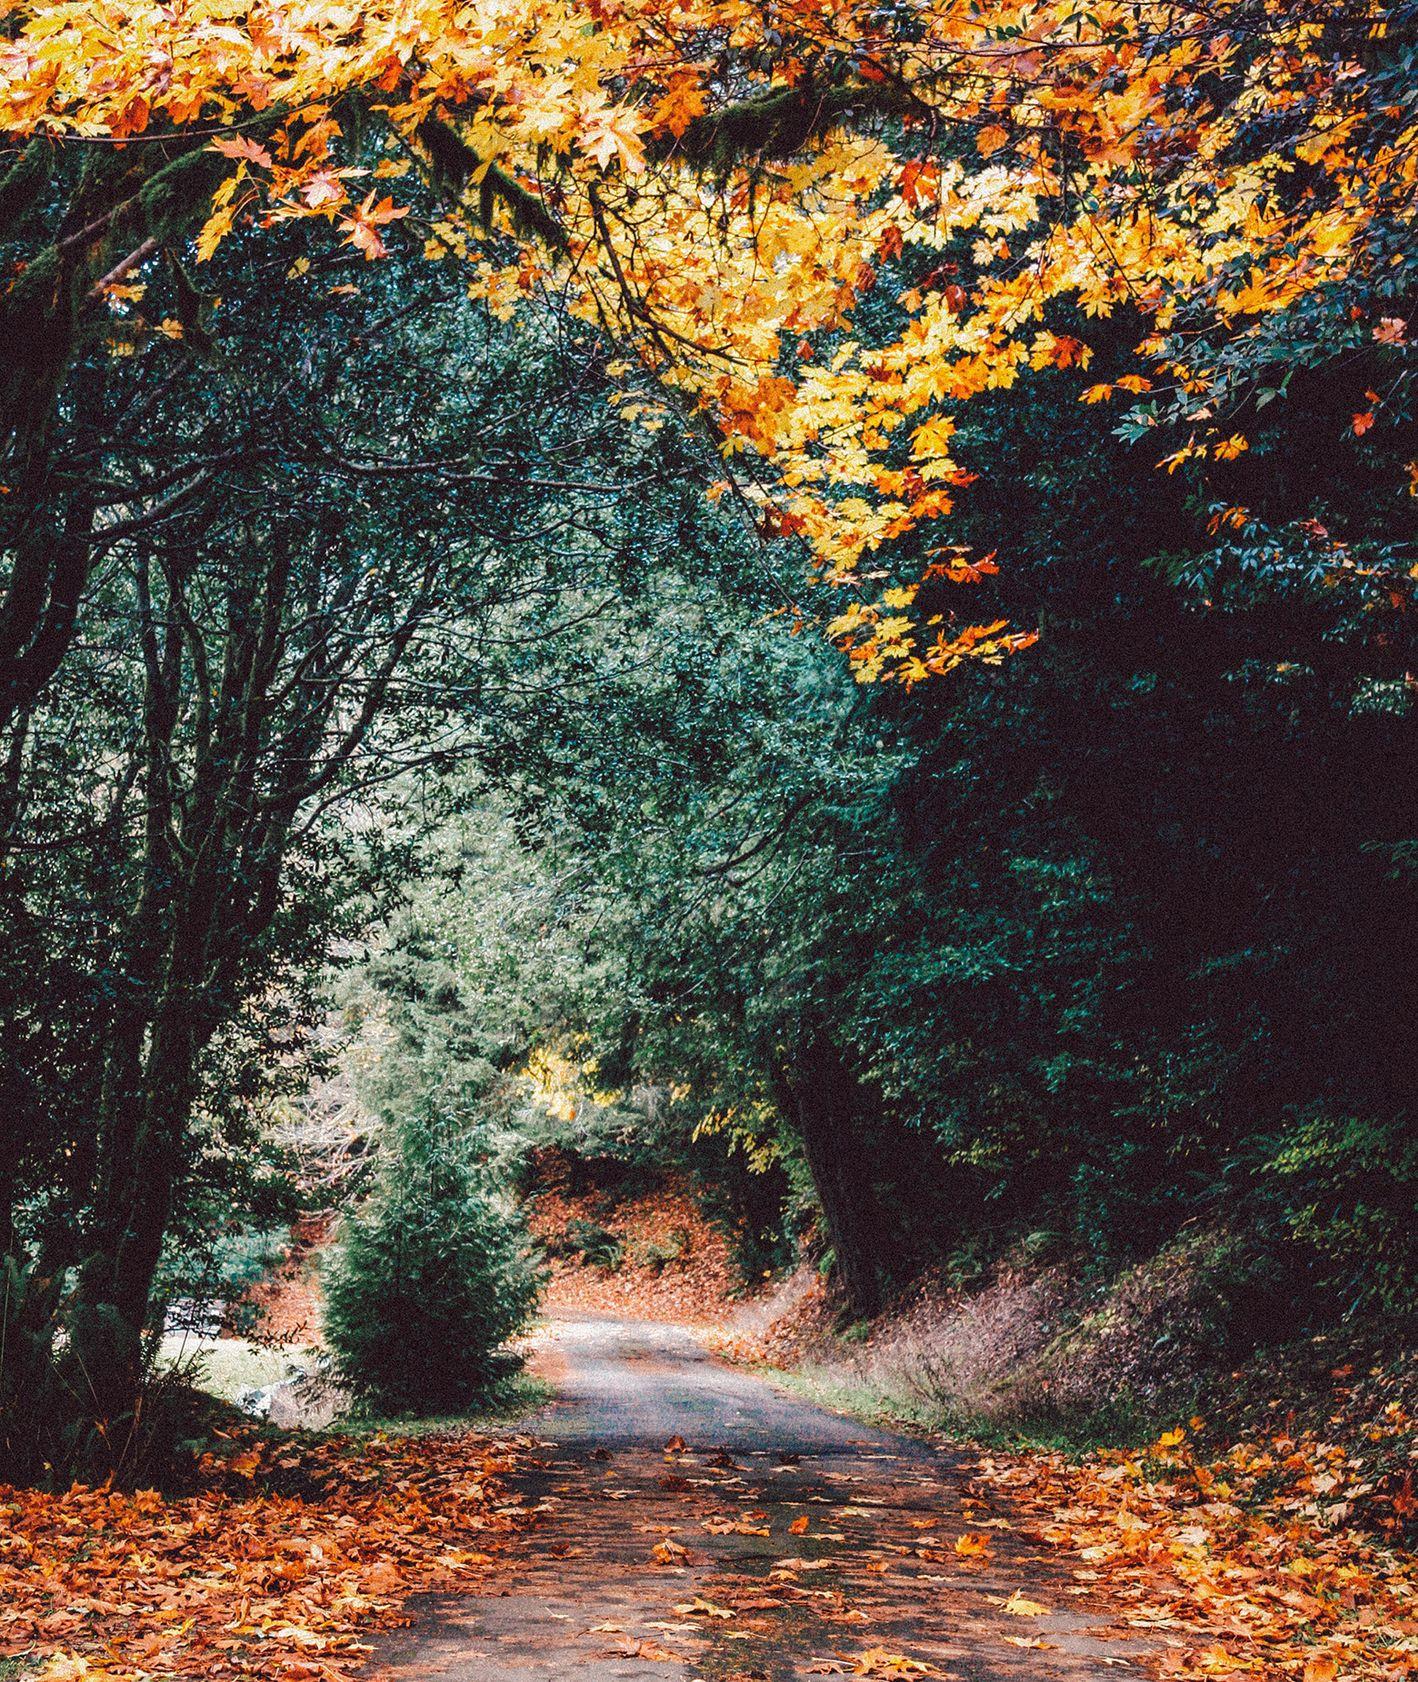 Jesienne drzewa przy leśnej ścieżce (fot. Eric Muhr / unsplash.com)